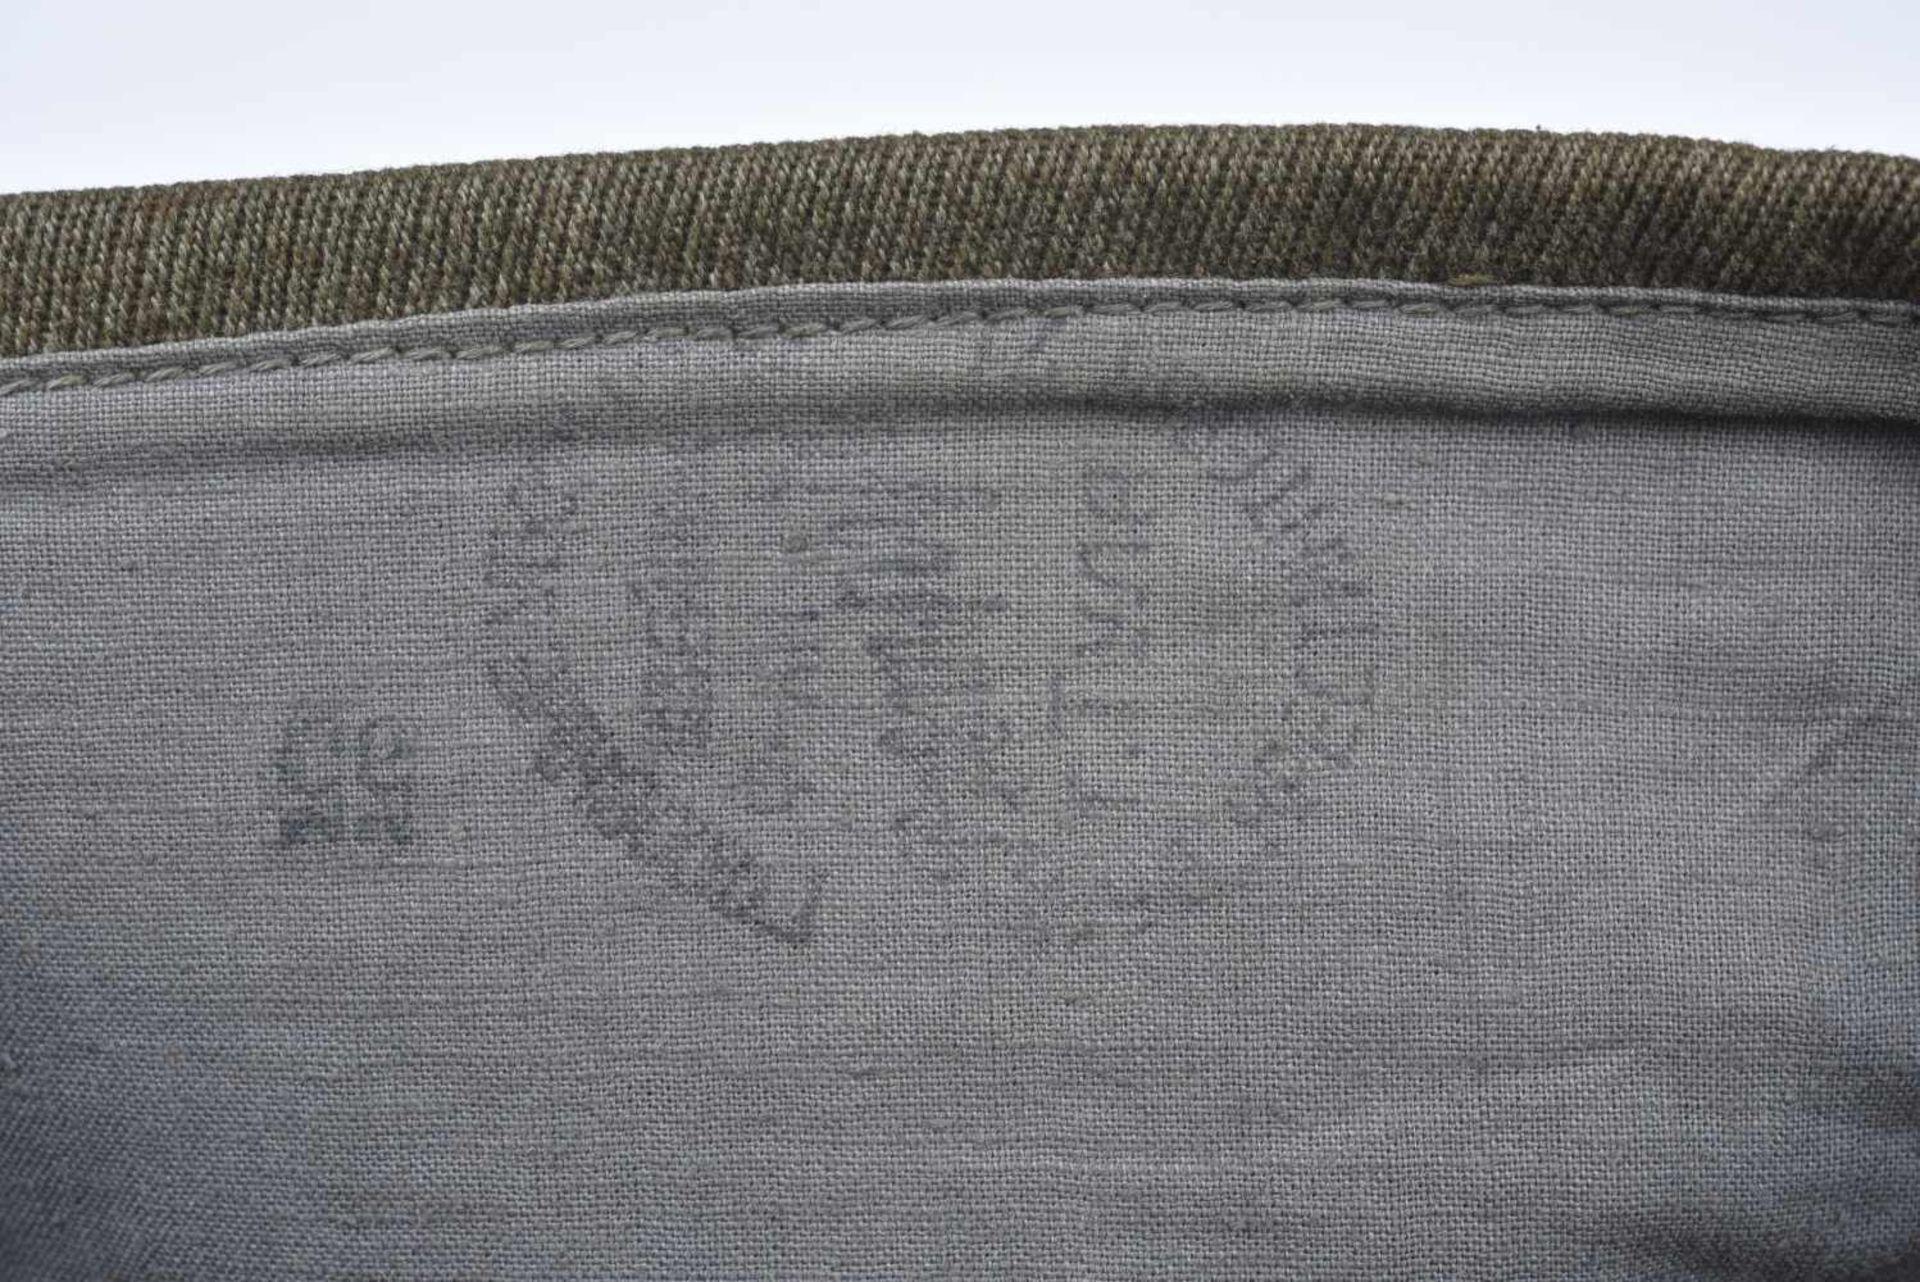 Calot M.35 pour officier infanterie en coton, fabrication avec absence d'étoile en tissu, étoile - Bild 2 aus 4